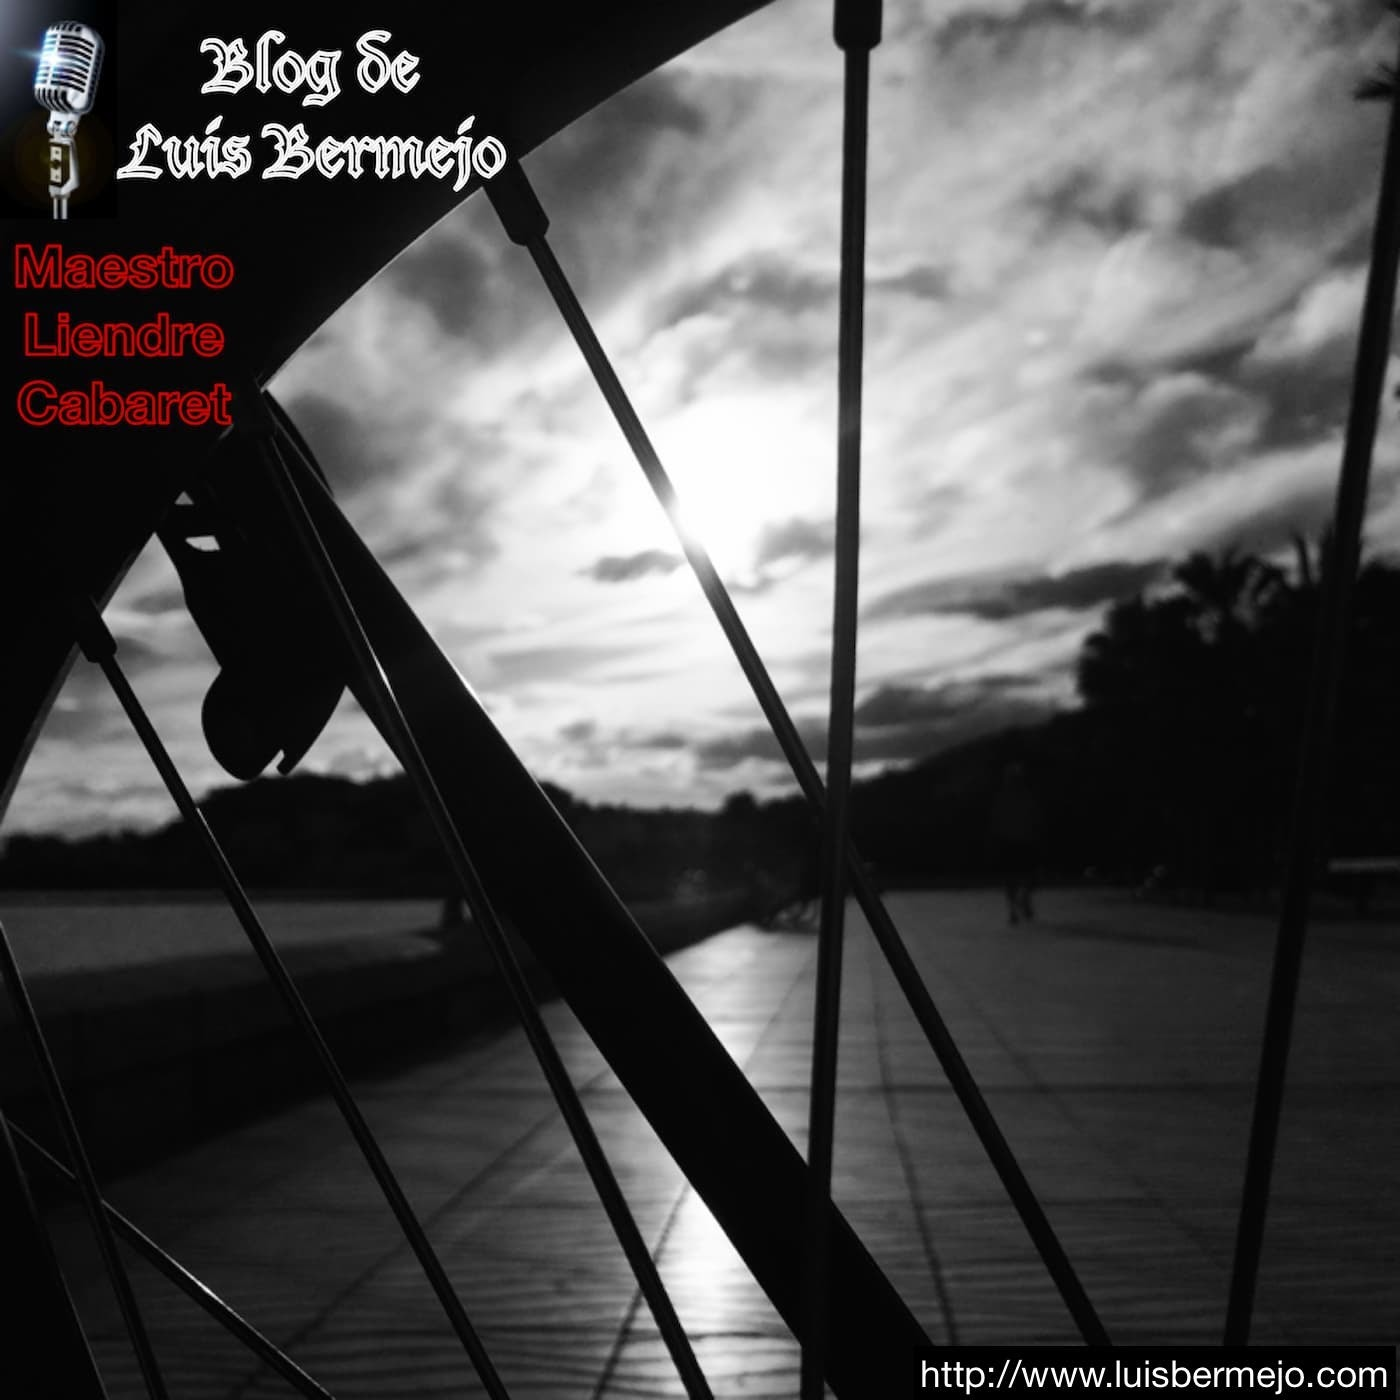 Curriculum Vitae | Maestro Liendre Cabaret Podcast |Blog de Luis Bermejo